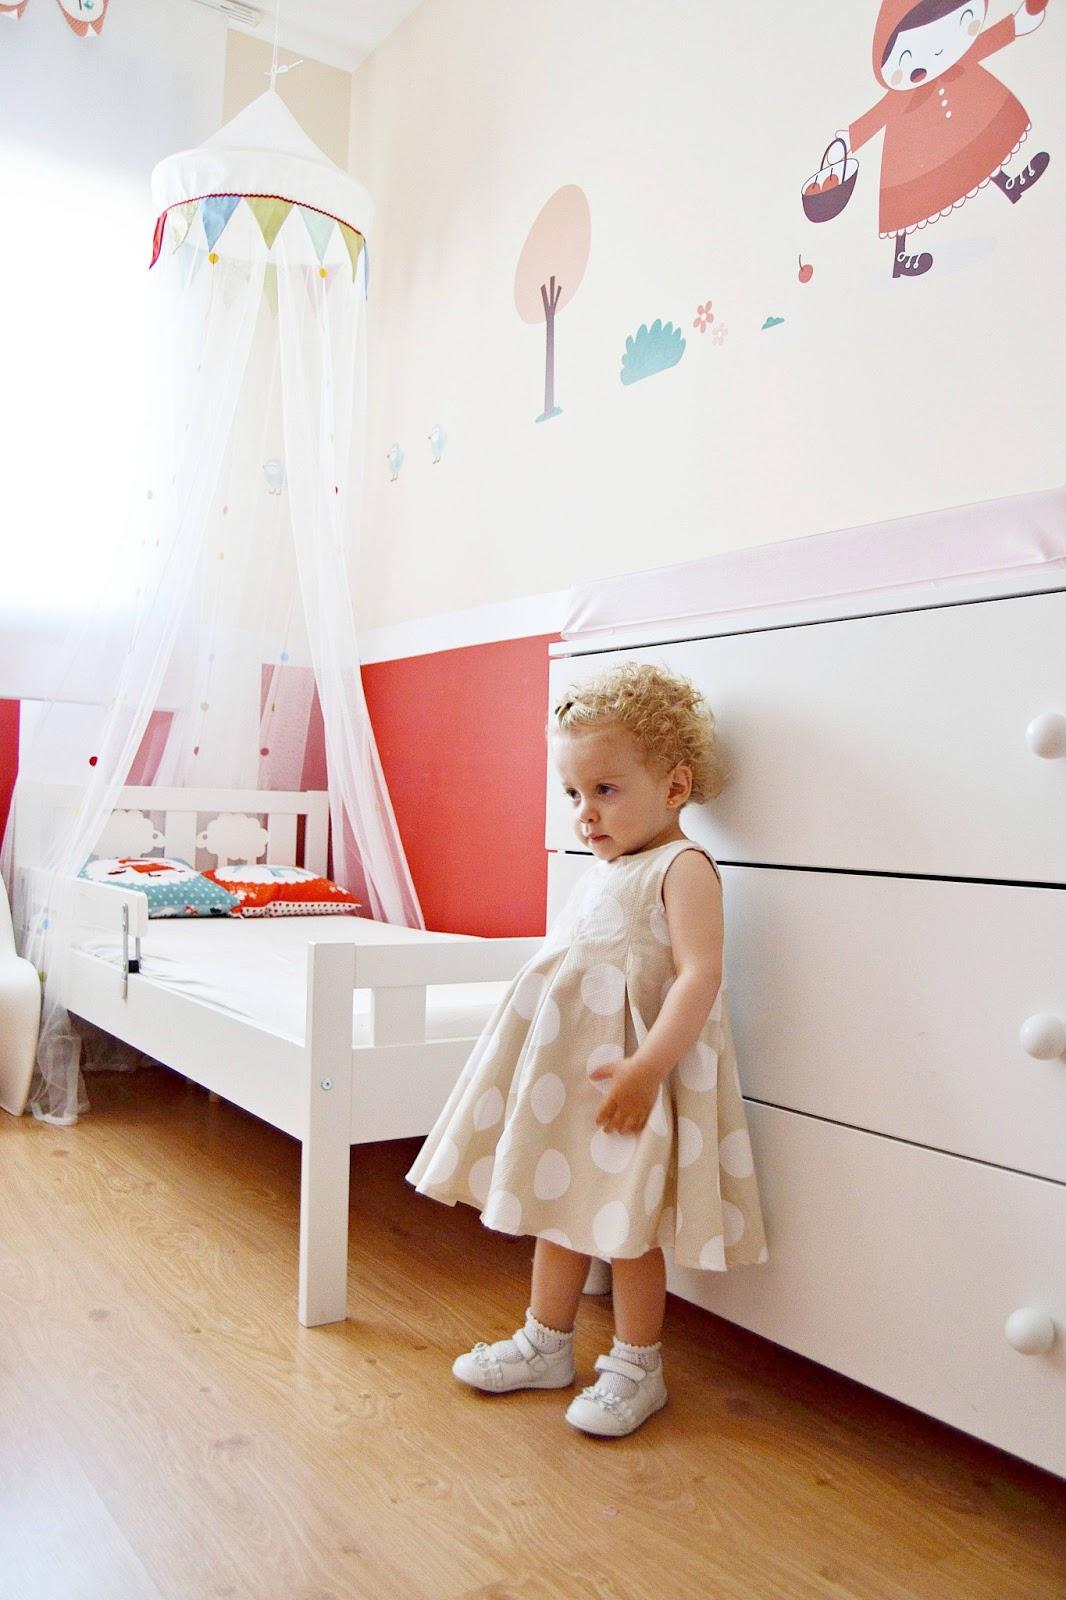 Mam de noa cambio de habitaci n de beb a mayor for Habitacion para 2 ninos